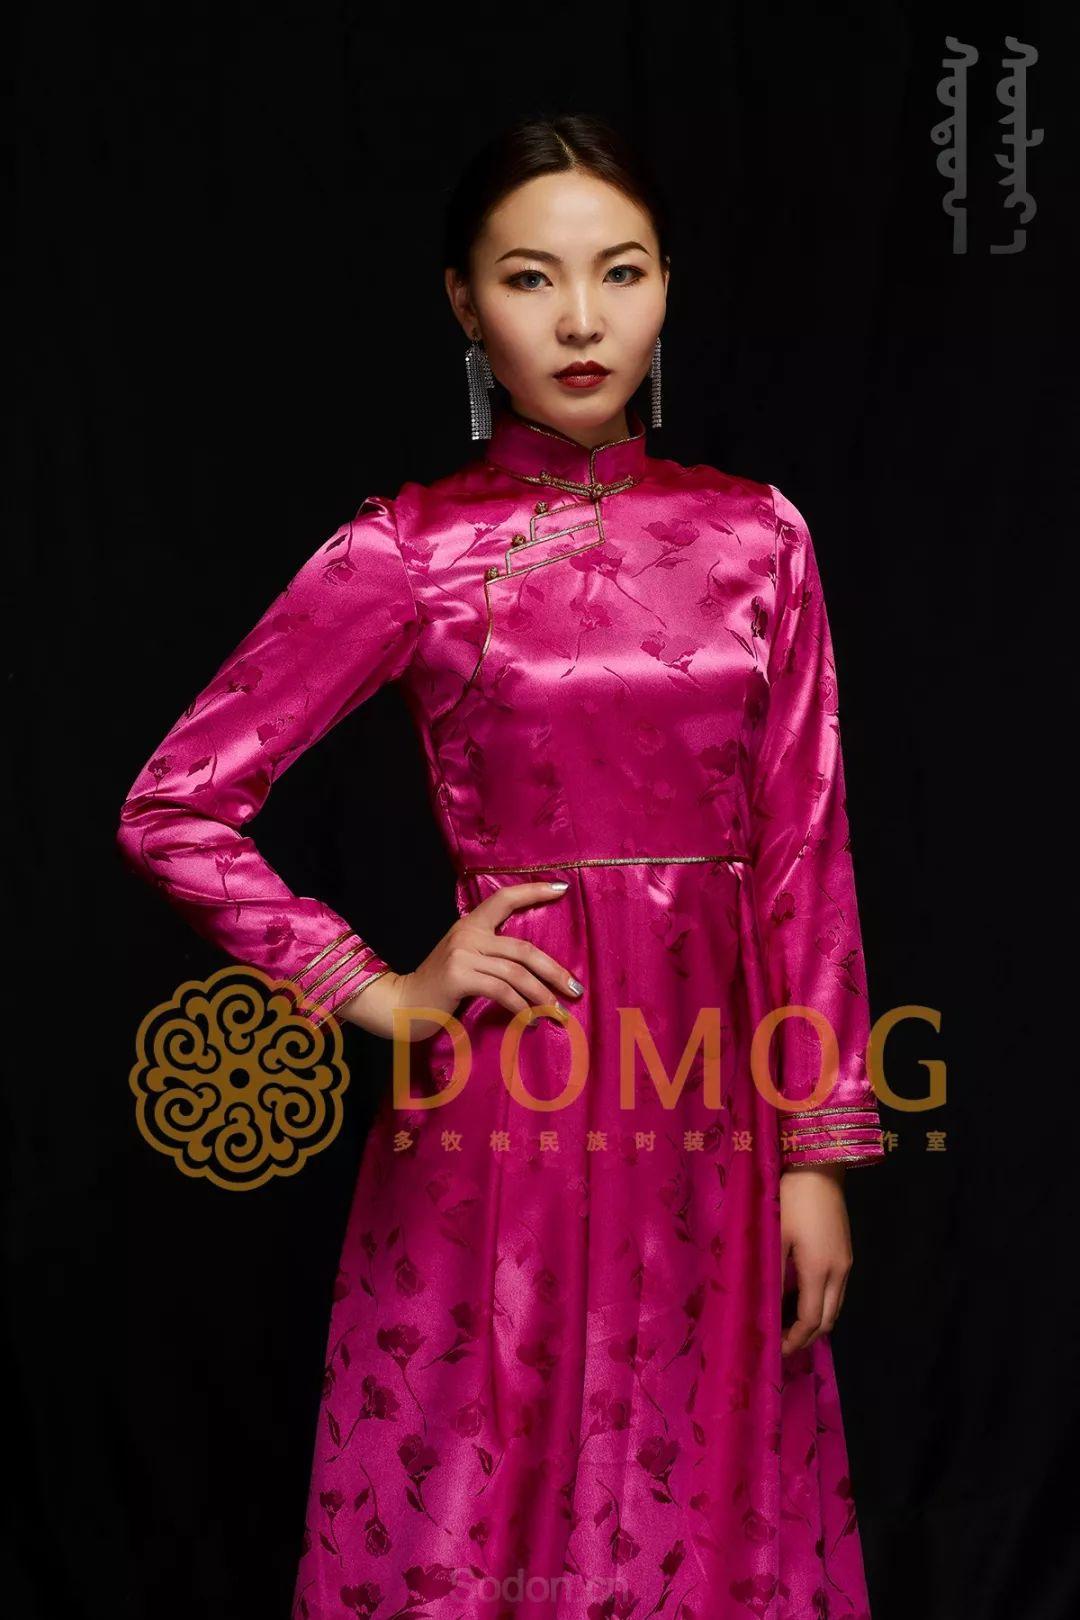 DOMOG蒙古时装绝美秋冬款系列,美出新高度! 第25张